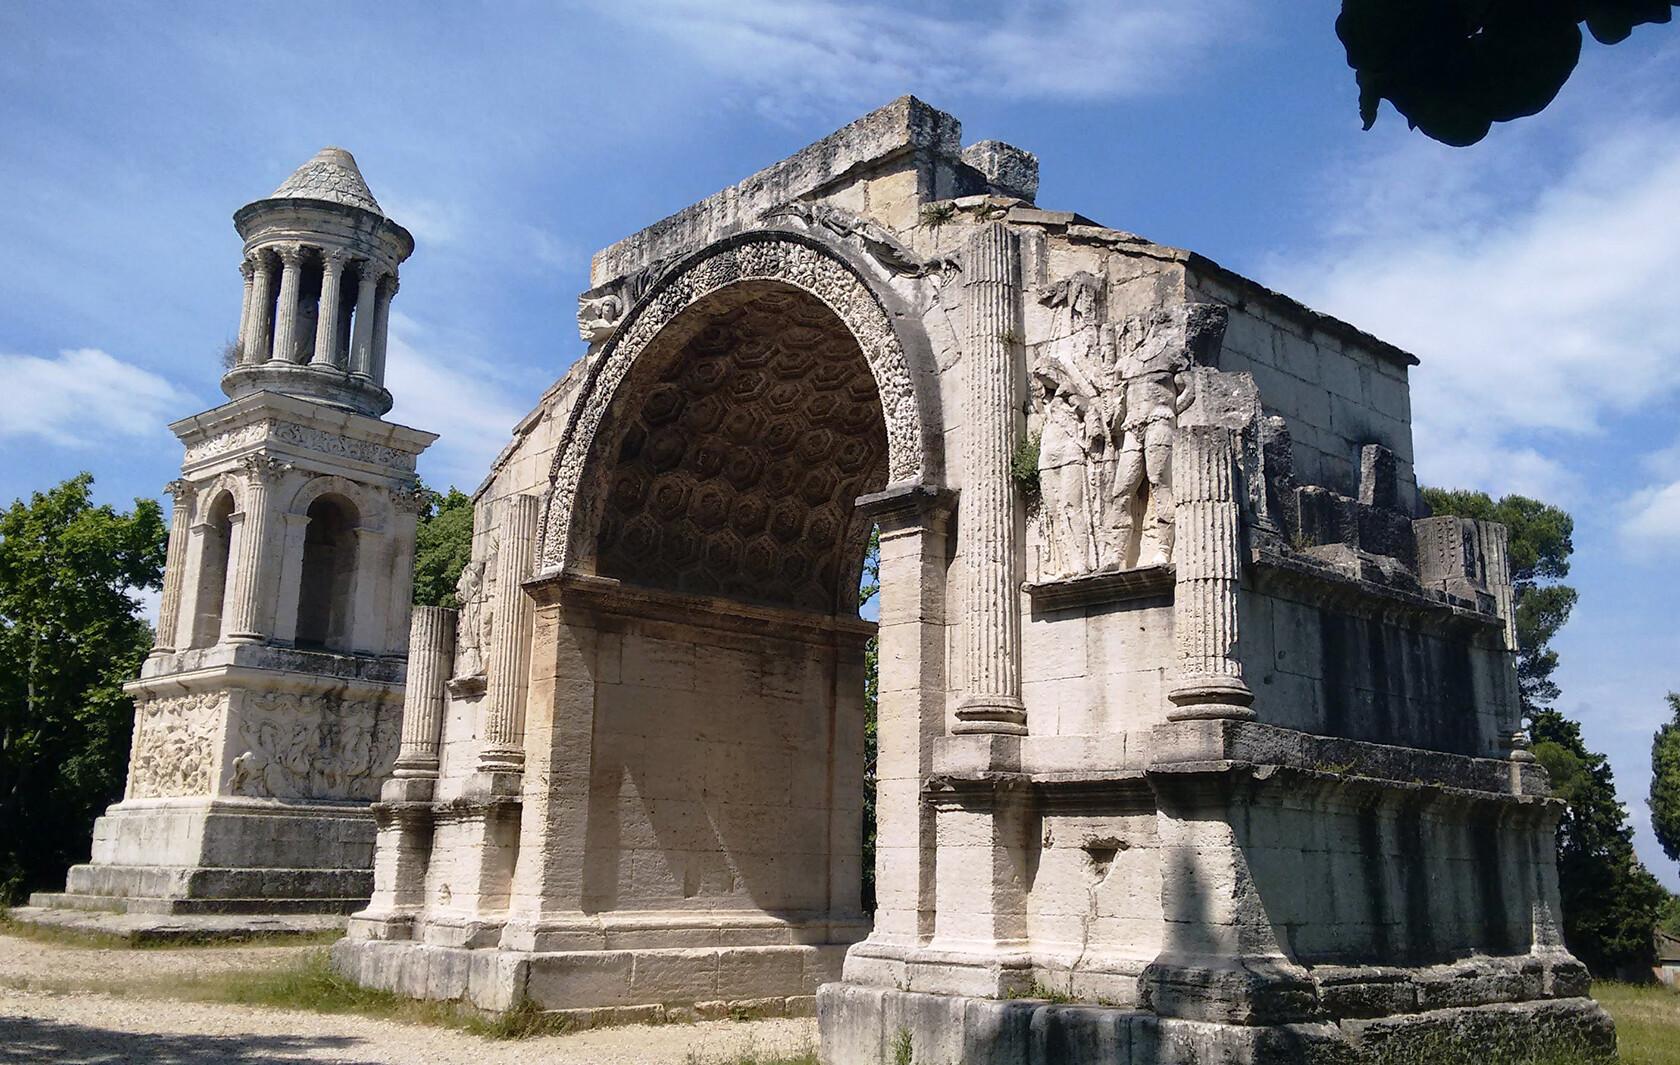 Glanum near St Rémy The Roman mausoleum and triumphant arch Les Antiques